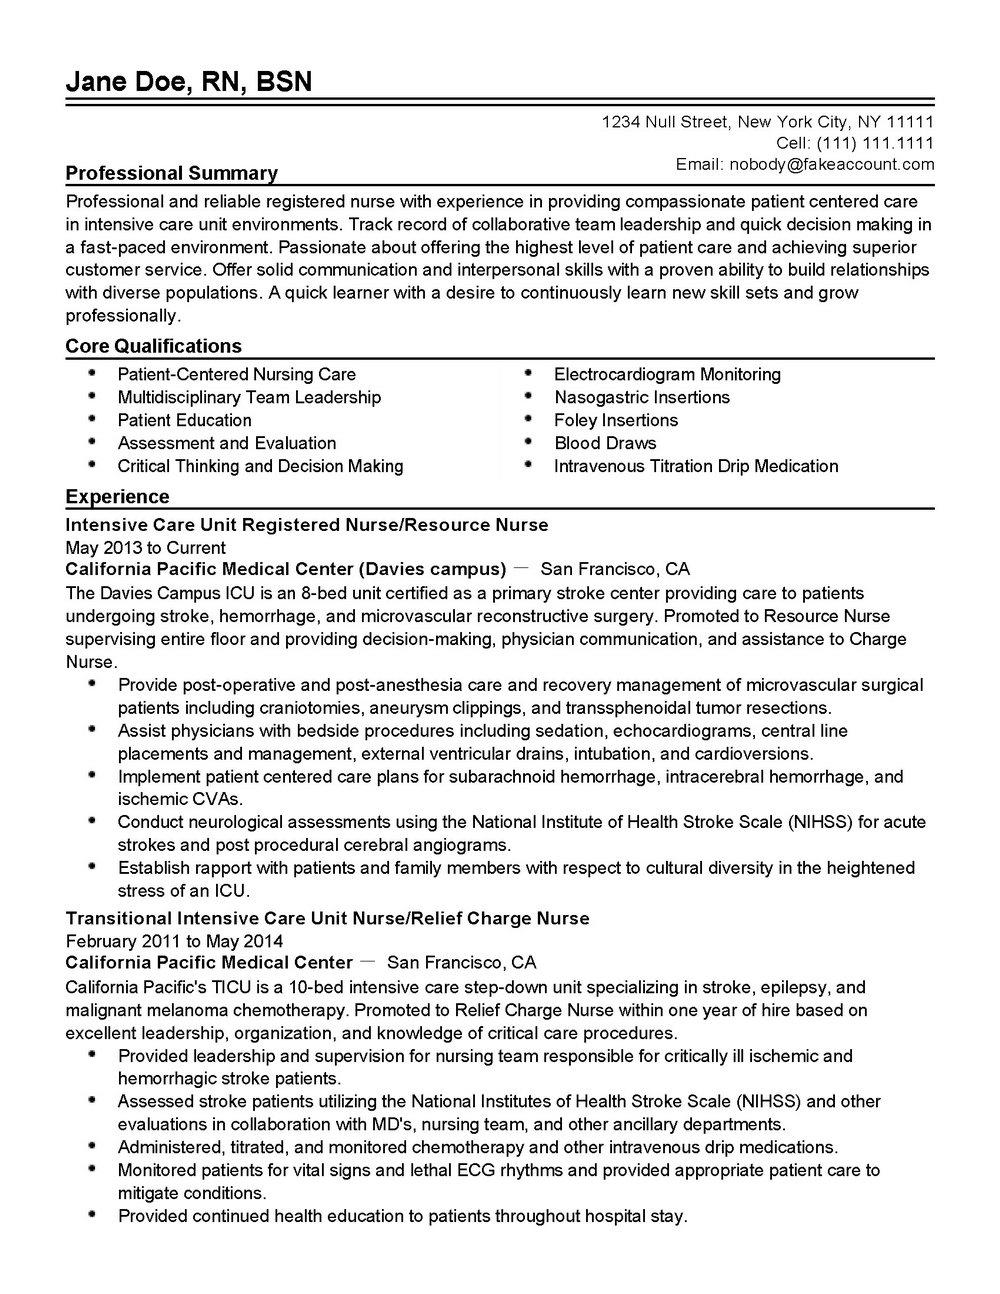 Critical Care Registered Nurse Resume Template